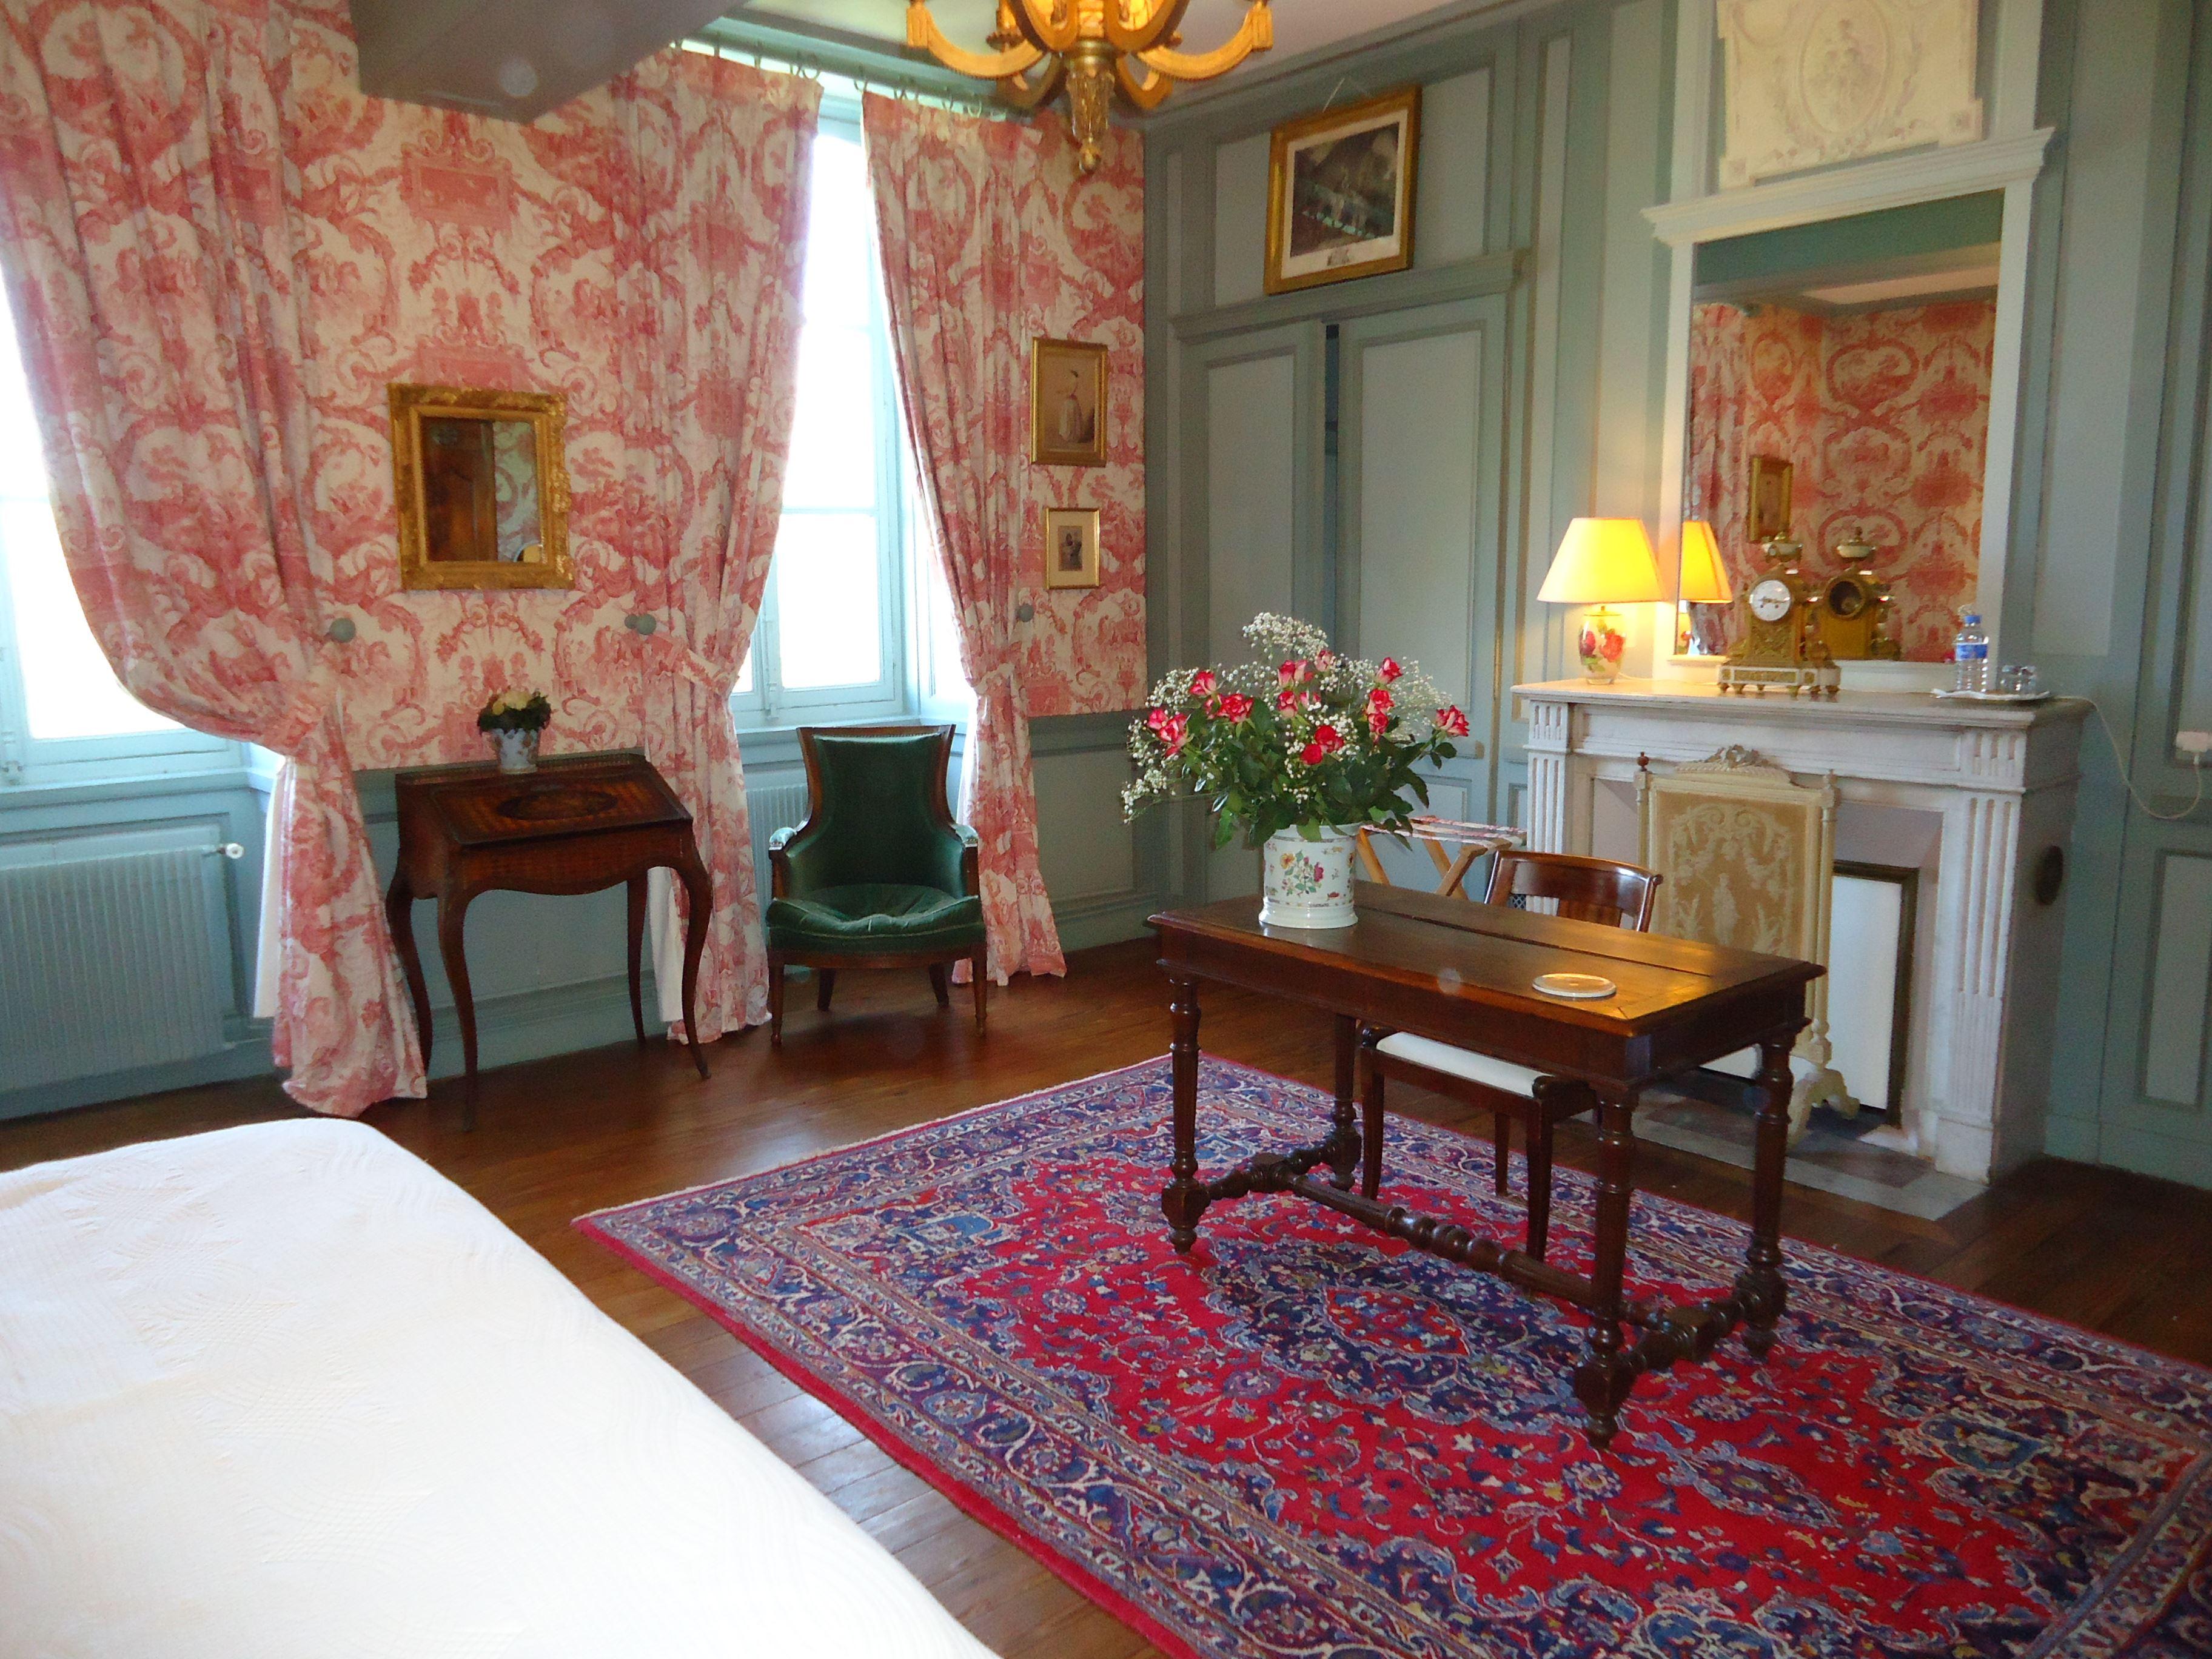 Chambres d'hôtes : Le Manoir de Captot